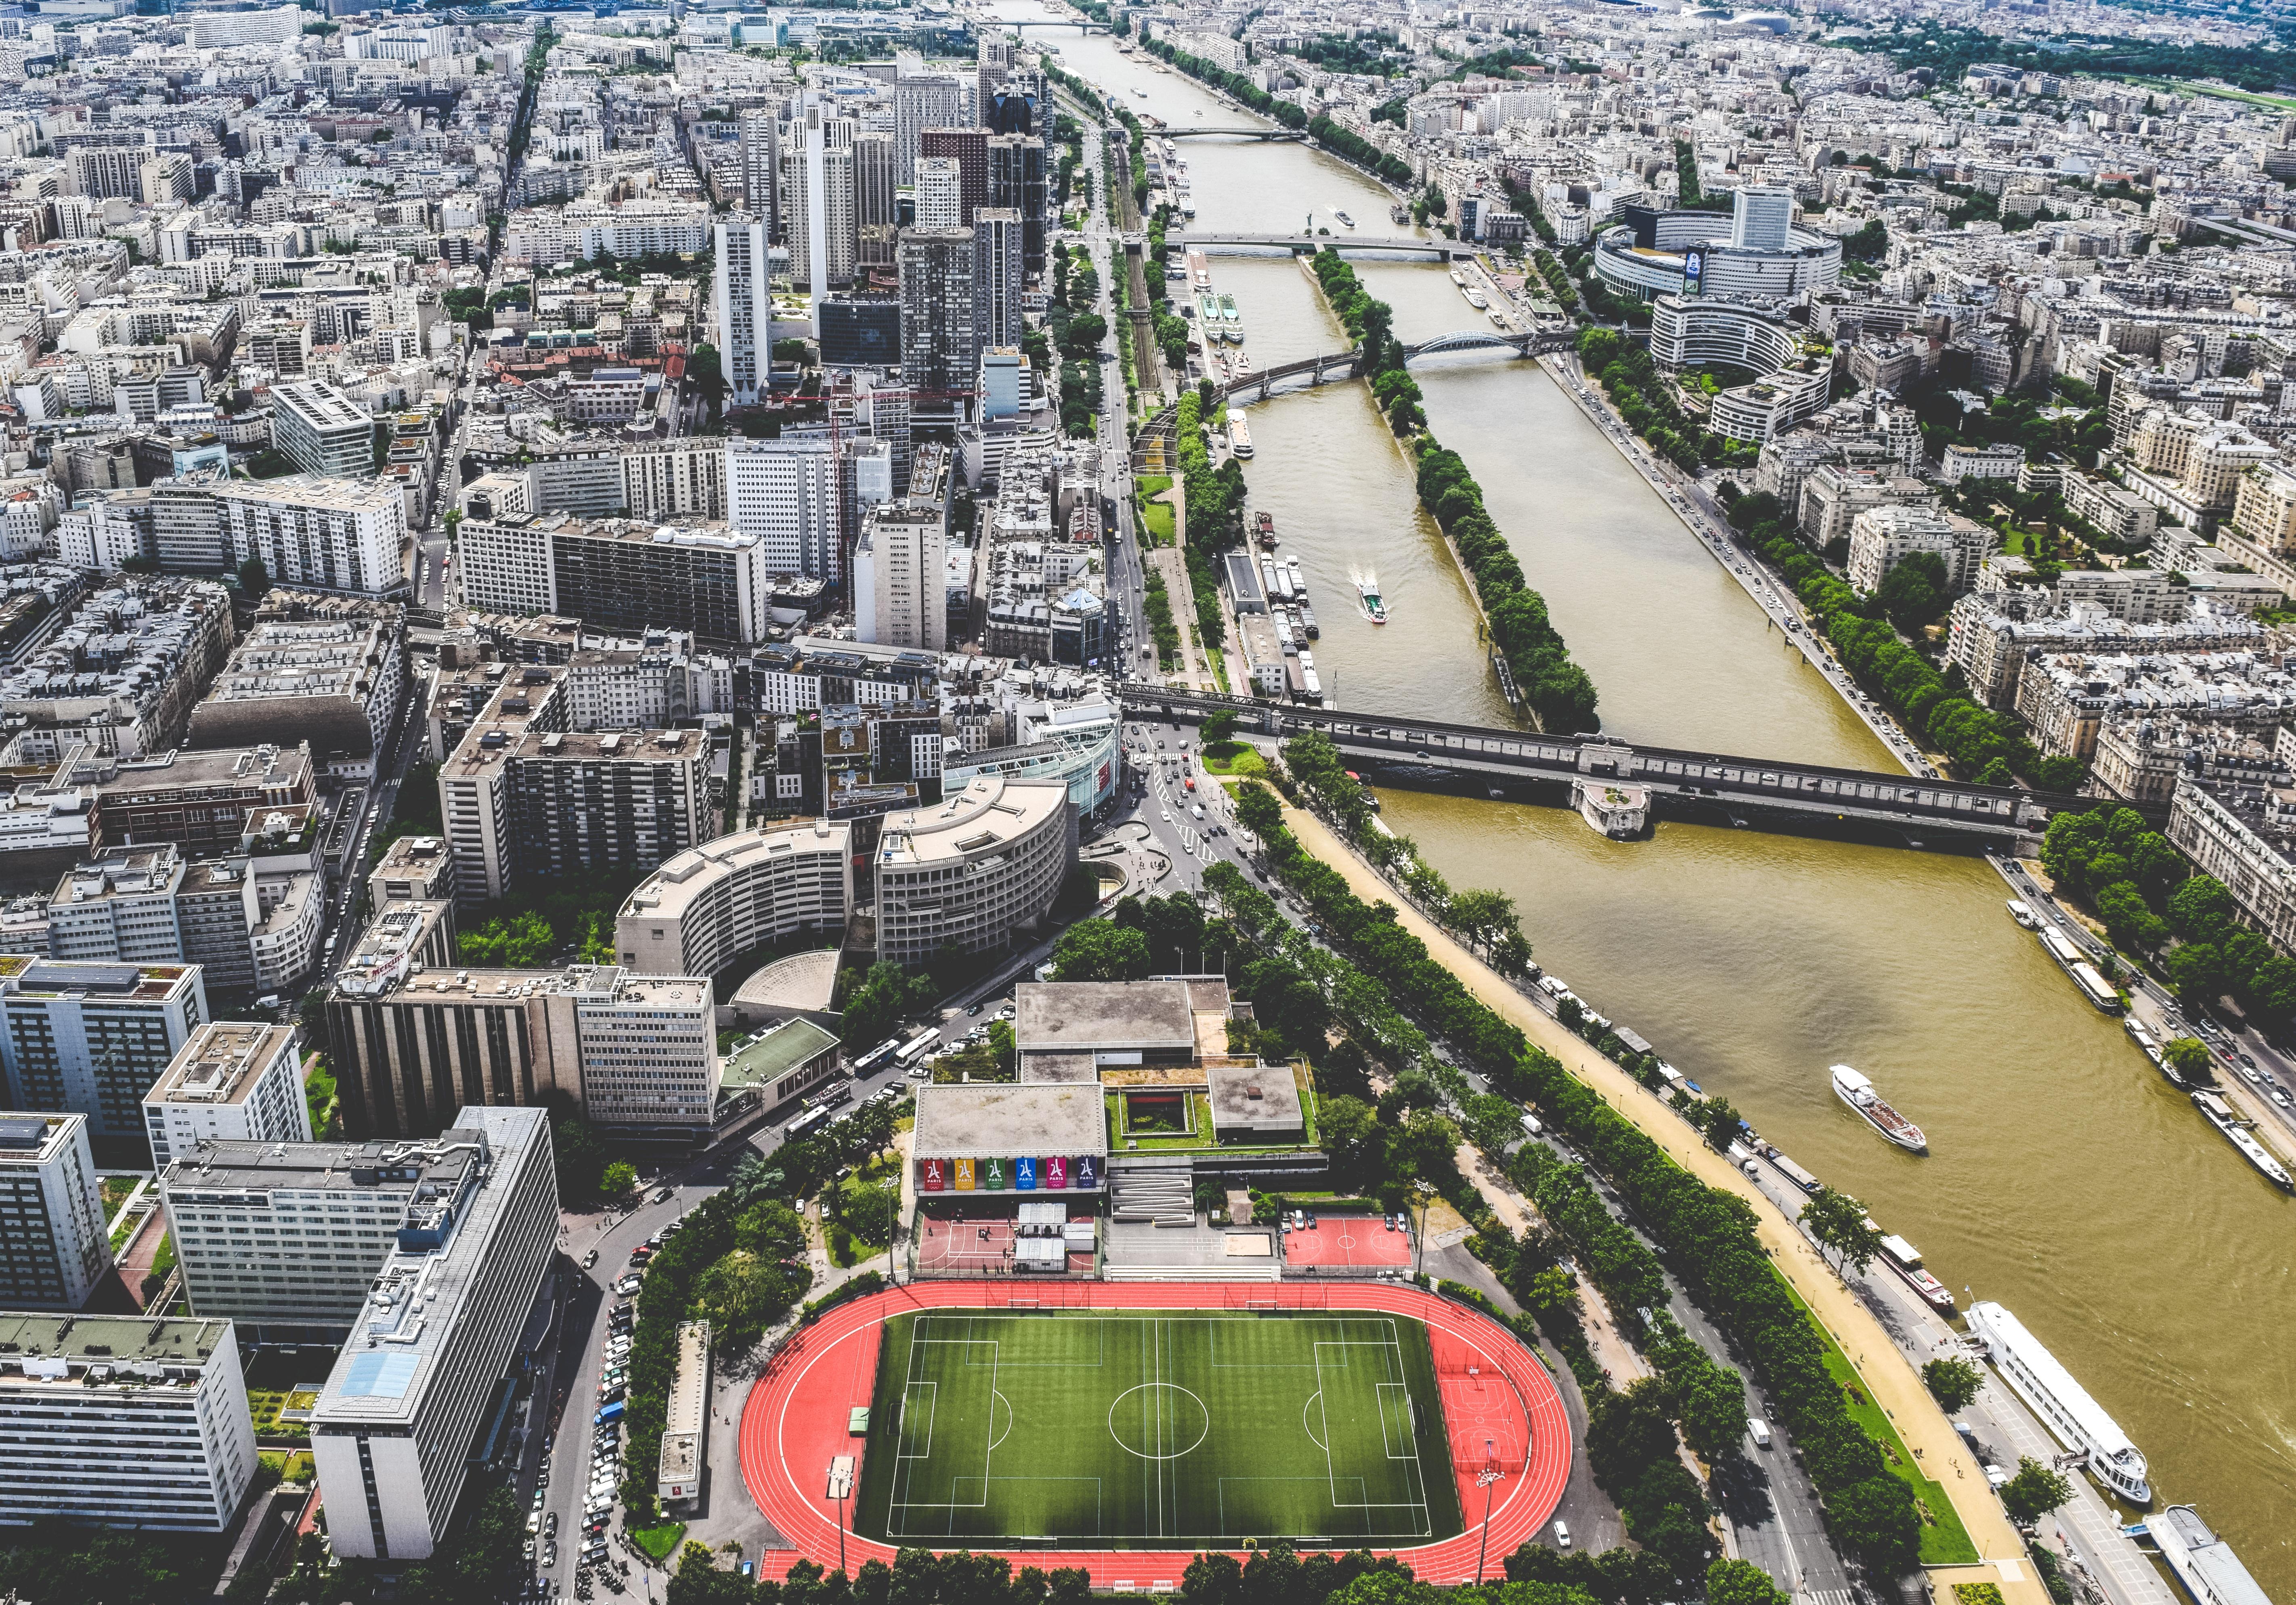 image-3-paris